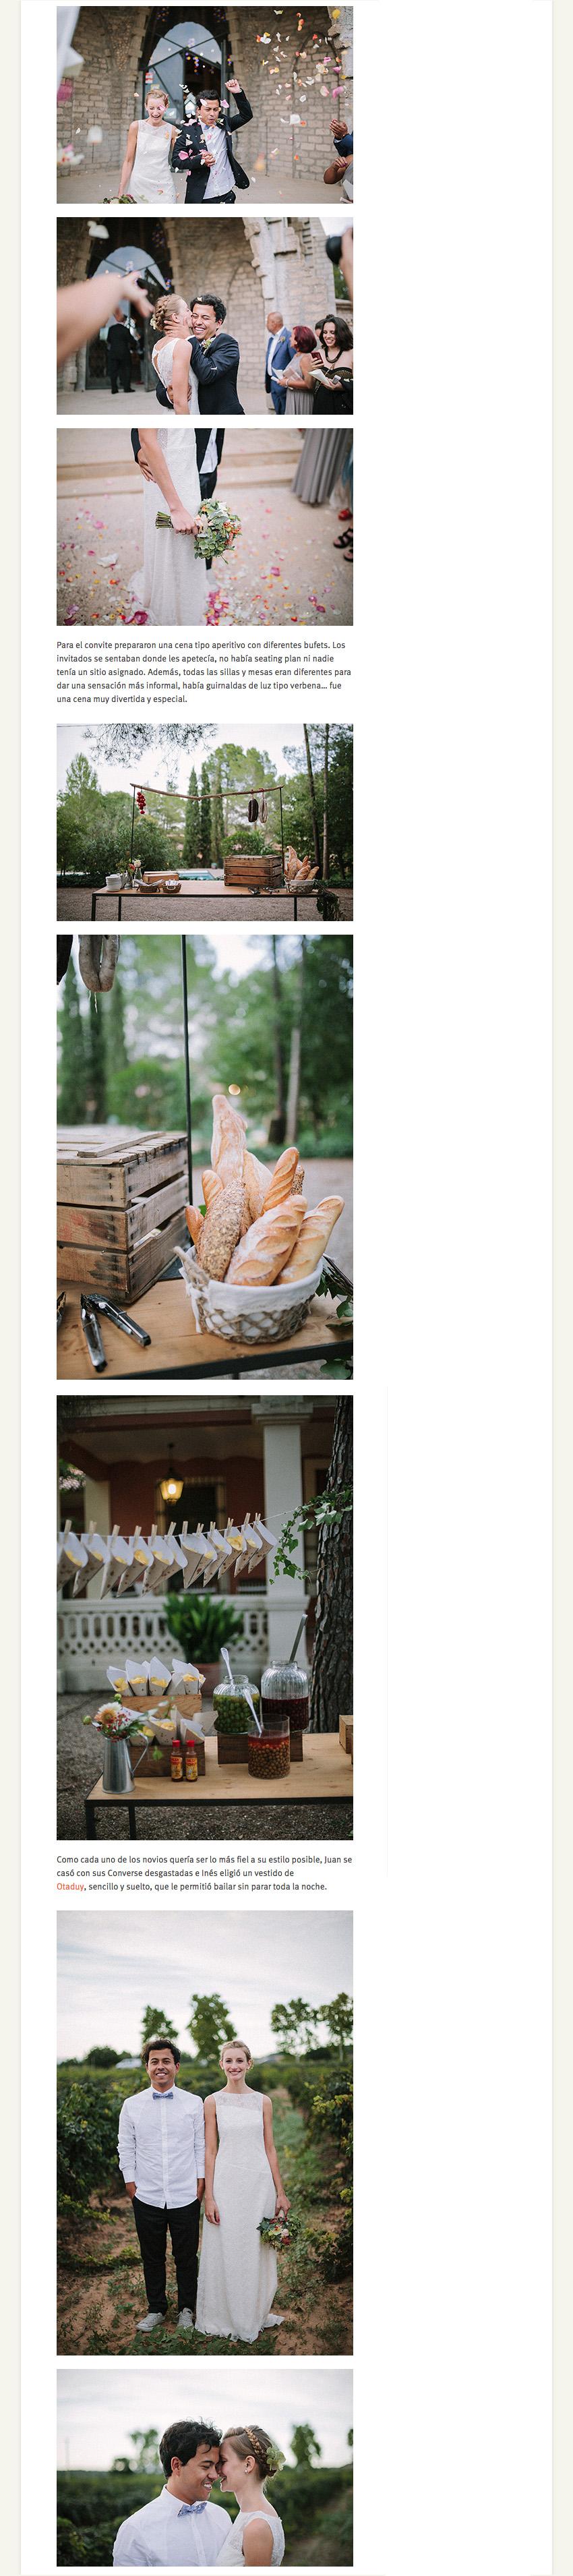 boda inés y juan muy molón www.bodasdecuento.com